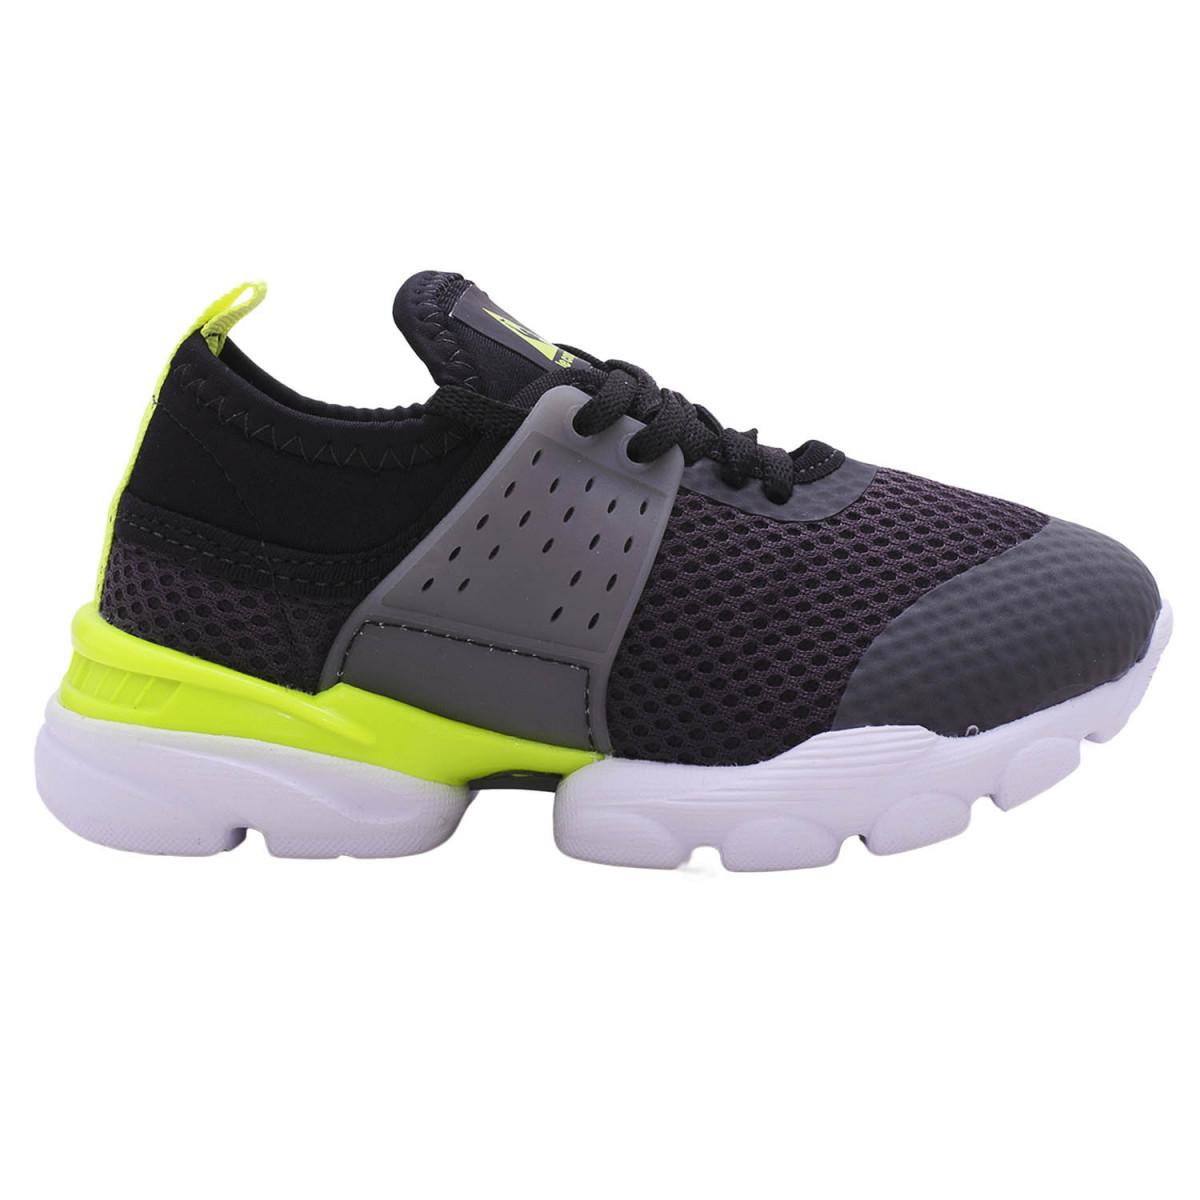 7e2c9333110 Zapatillas Le Coq Sportif Drop - Colegial - Zapatillas - Niños